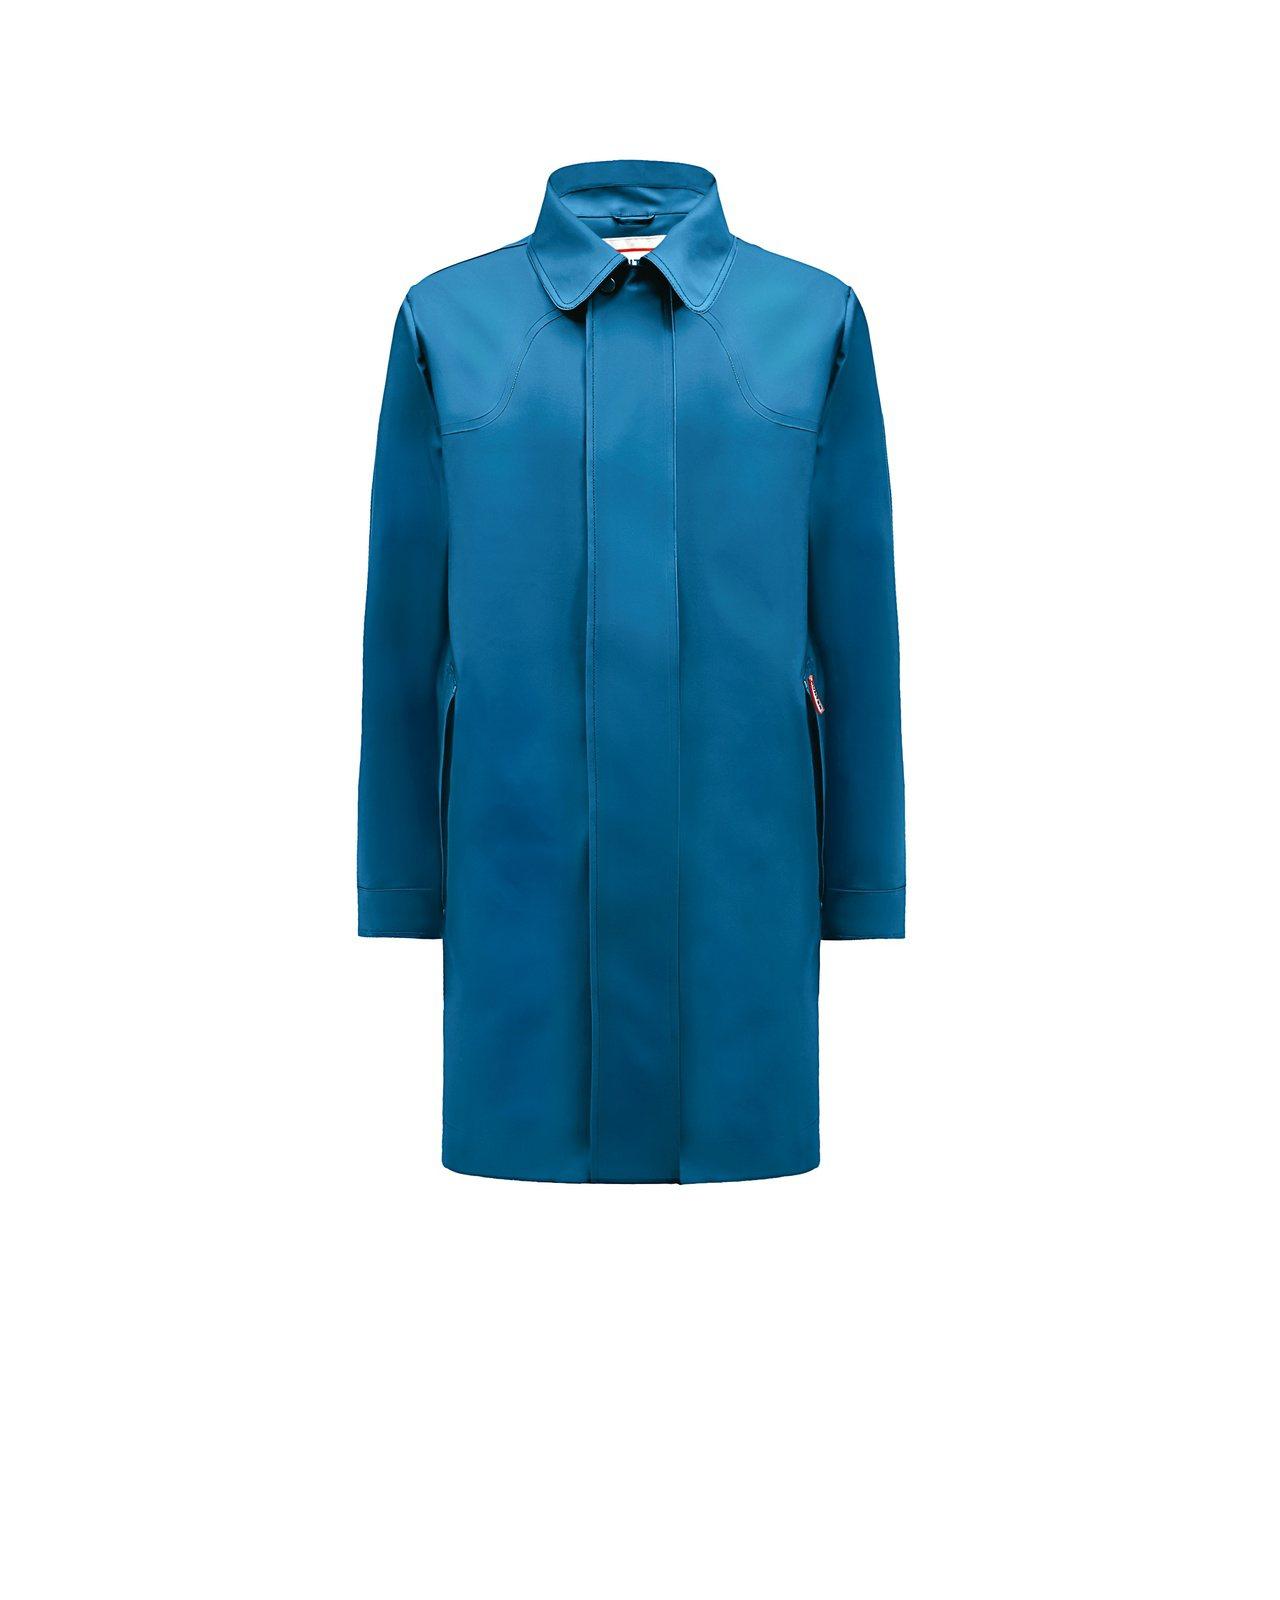 男性橡膠質感海洋藍雨衣外套,約11,800元。圖/Hunter提供